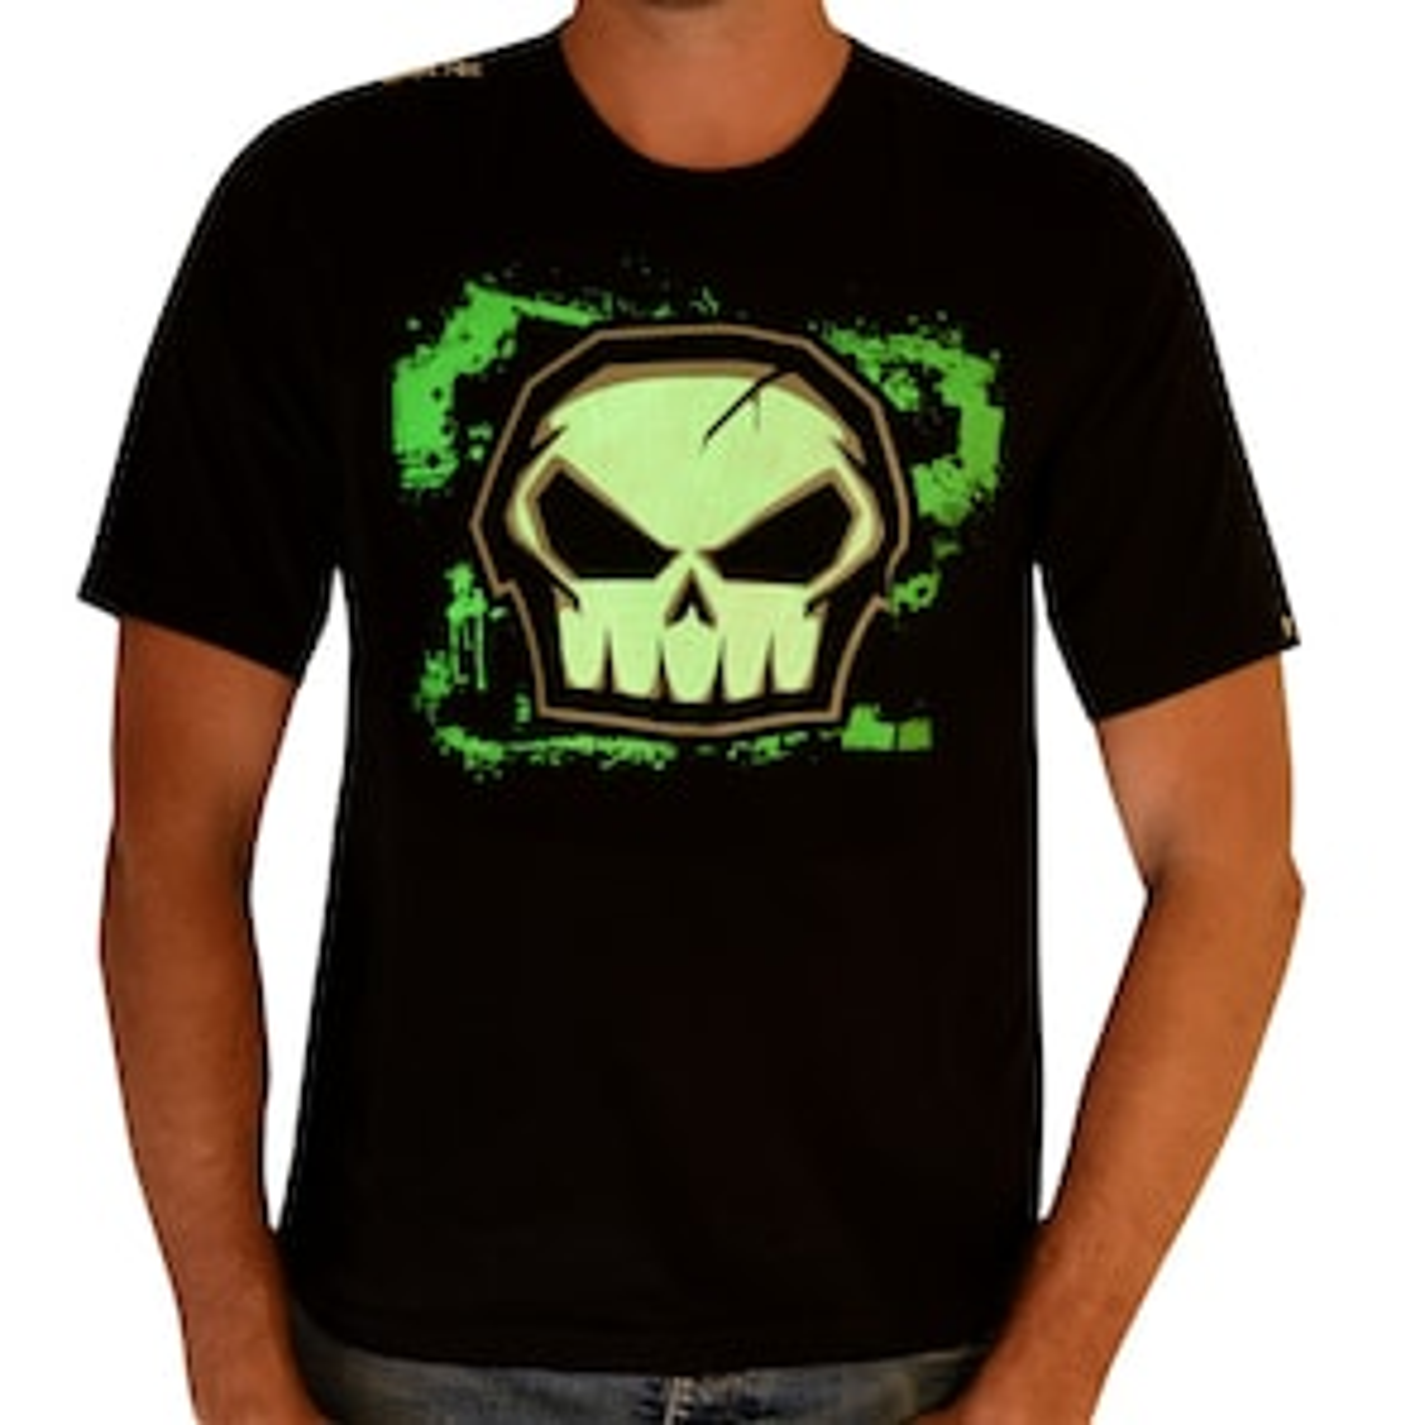 Muška majica No Fear Graphic printed